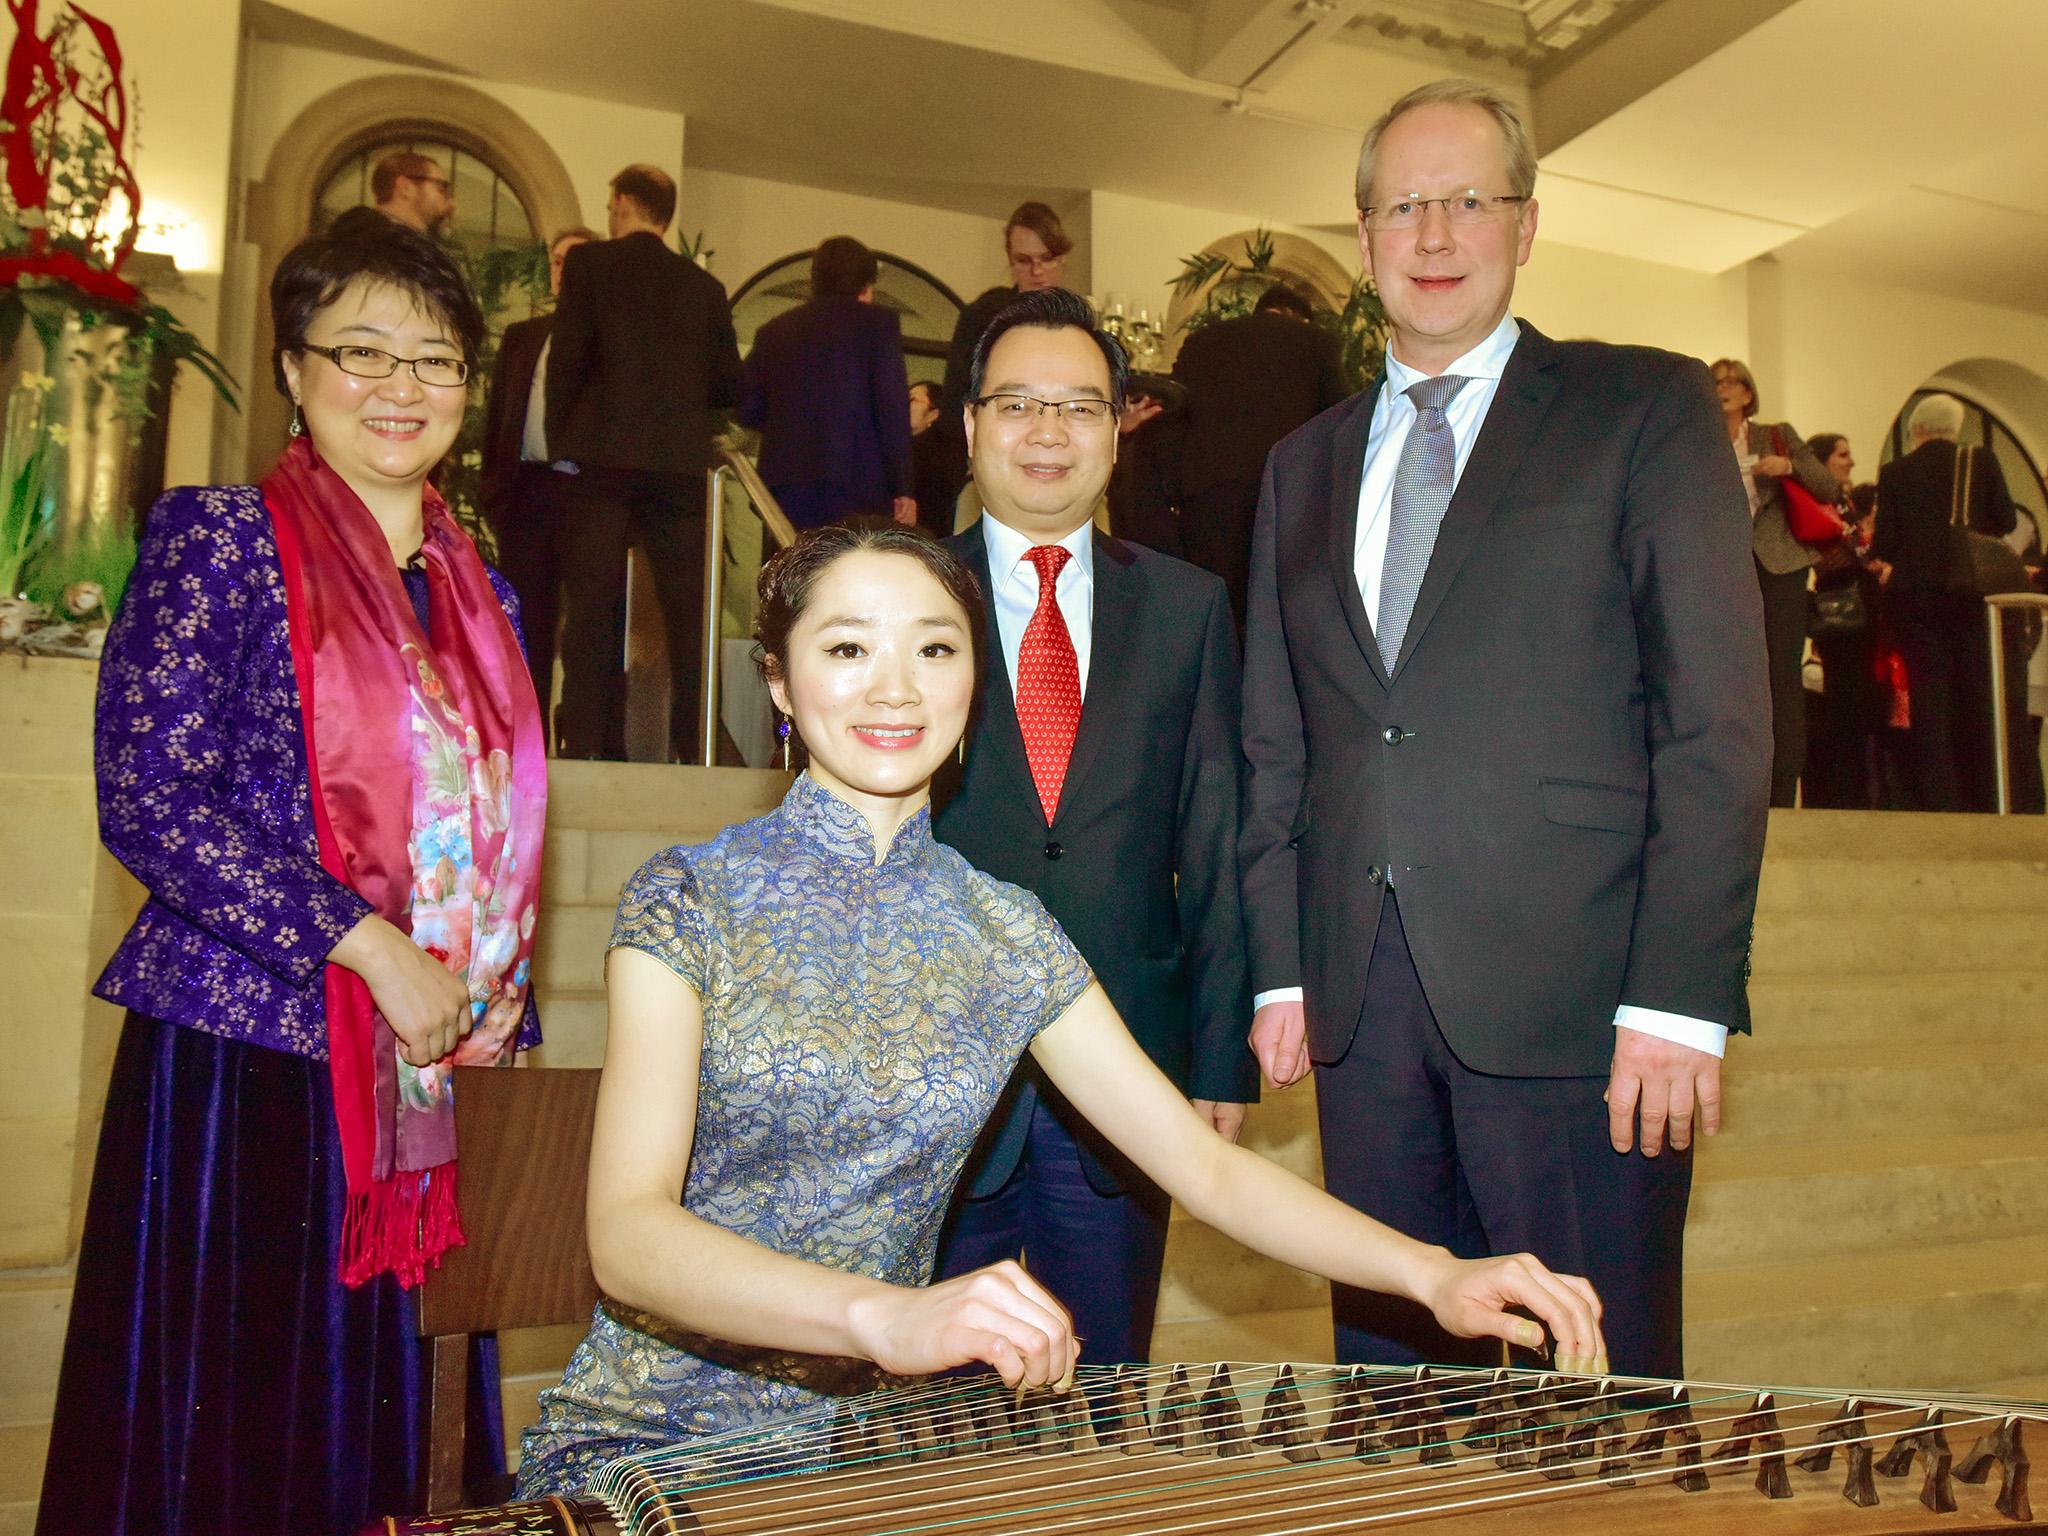 Oberbürgermeister Stefan Schostok, Generalkonsul Sun Congbin, Li Sijia und Li Yü